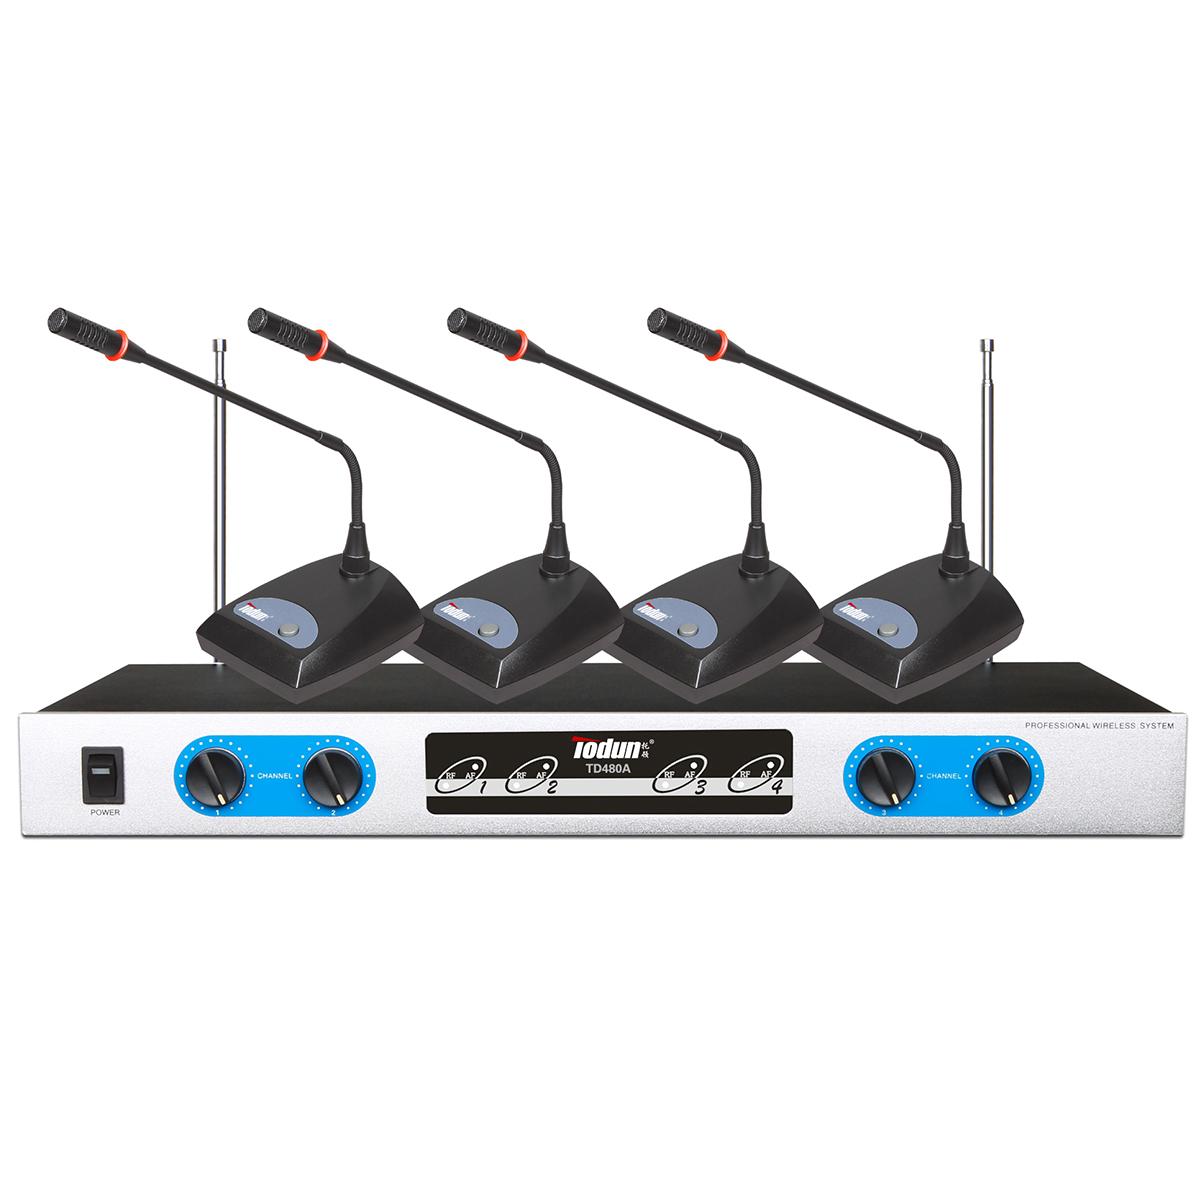 会议室工程 多媒体室 1拖4无线会议系统TD480A 中小型功能厅无线会议话筒设备